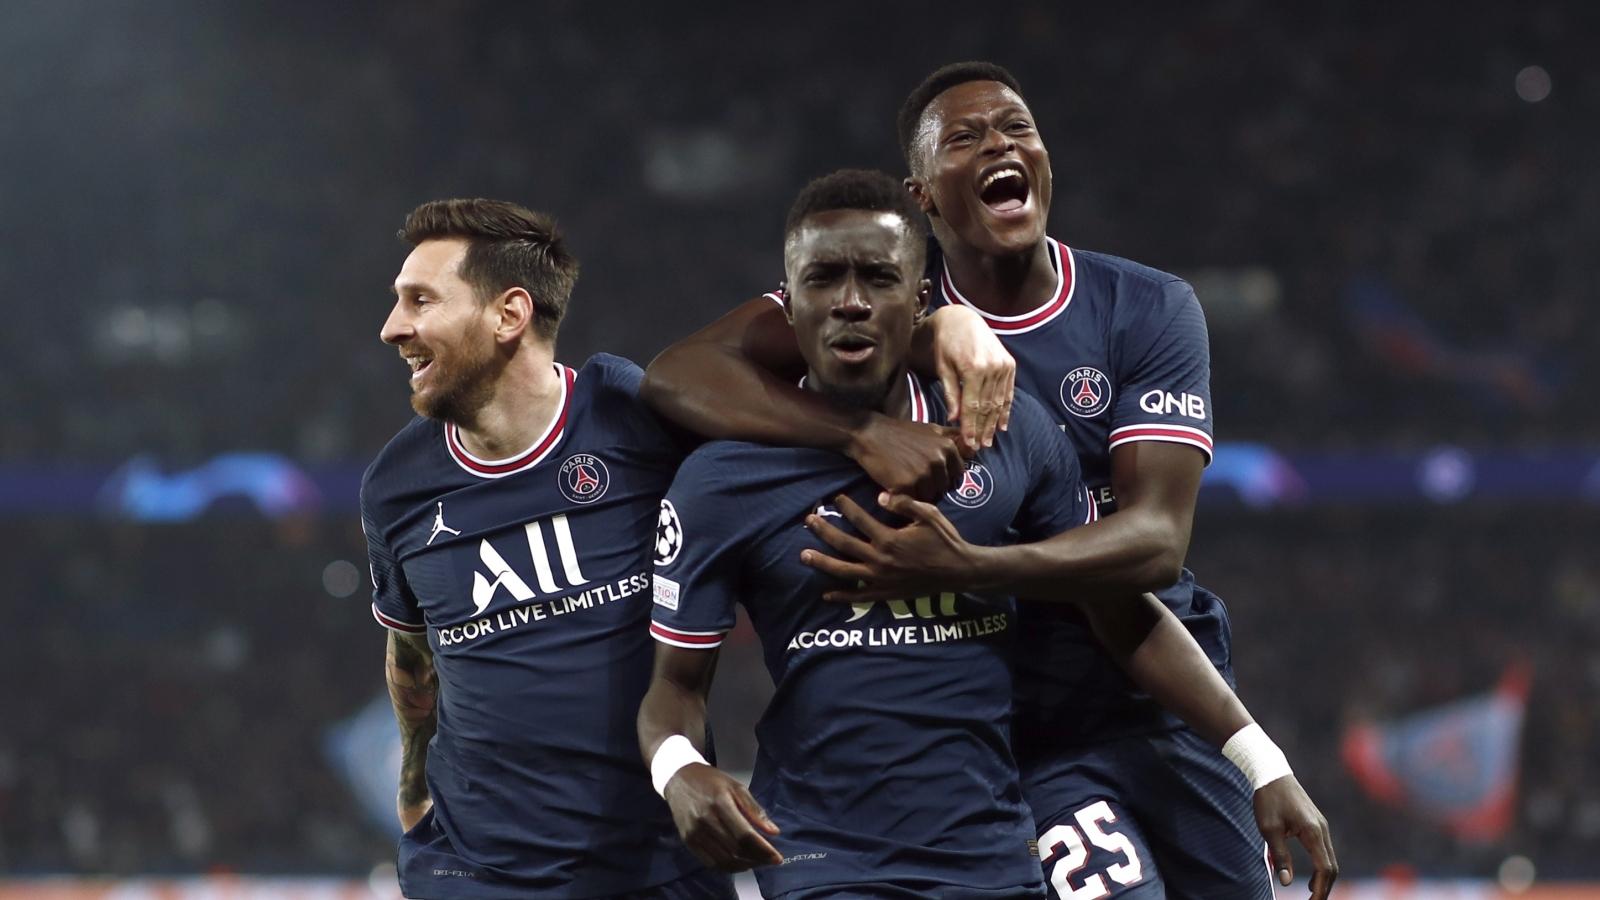 TRỰC TIẾP PSG 1-0 Man City: Hiệp 2 bắt đầu